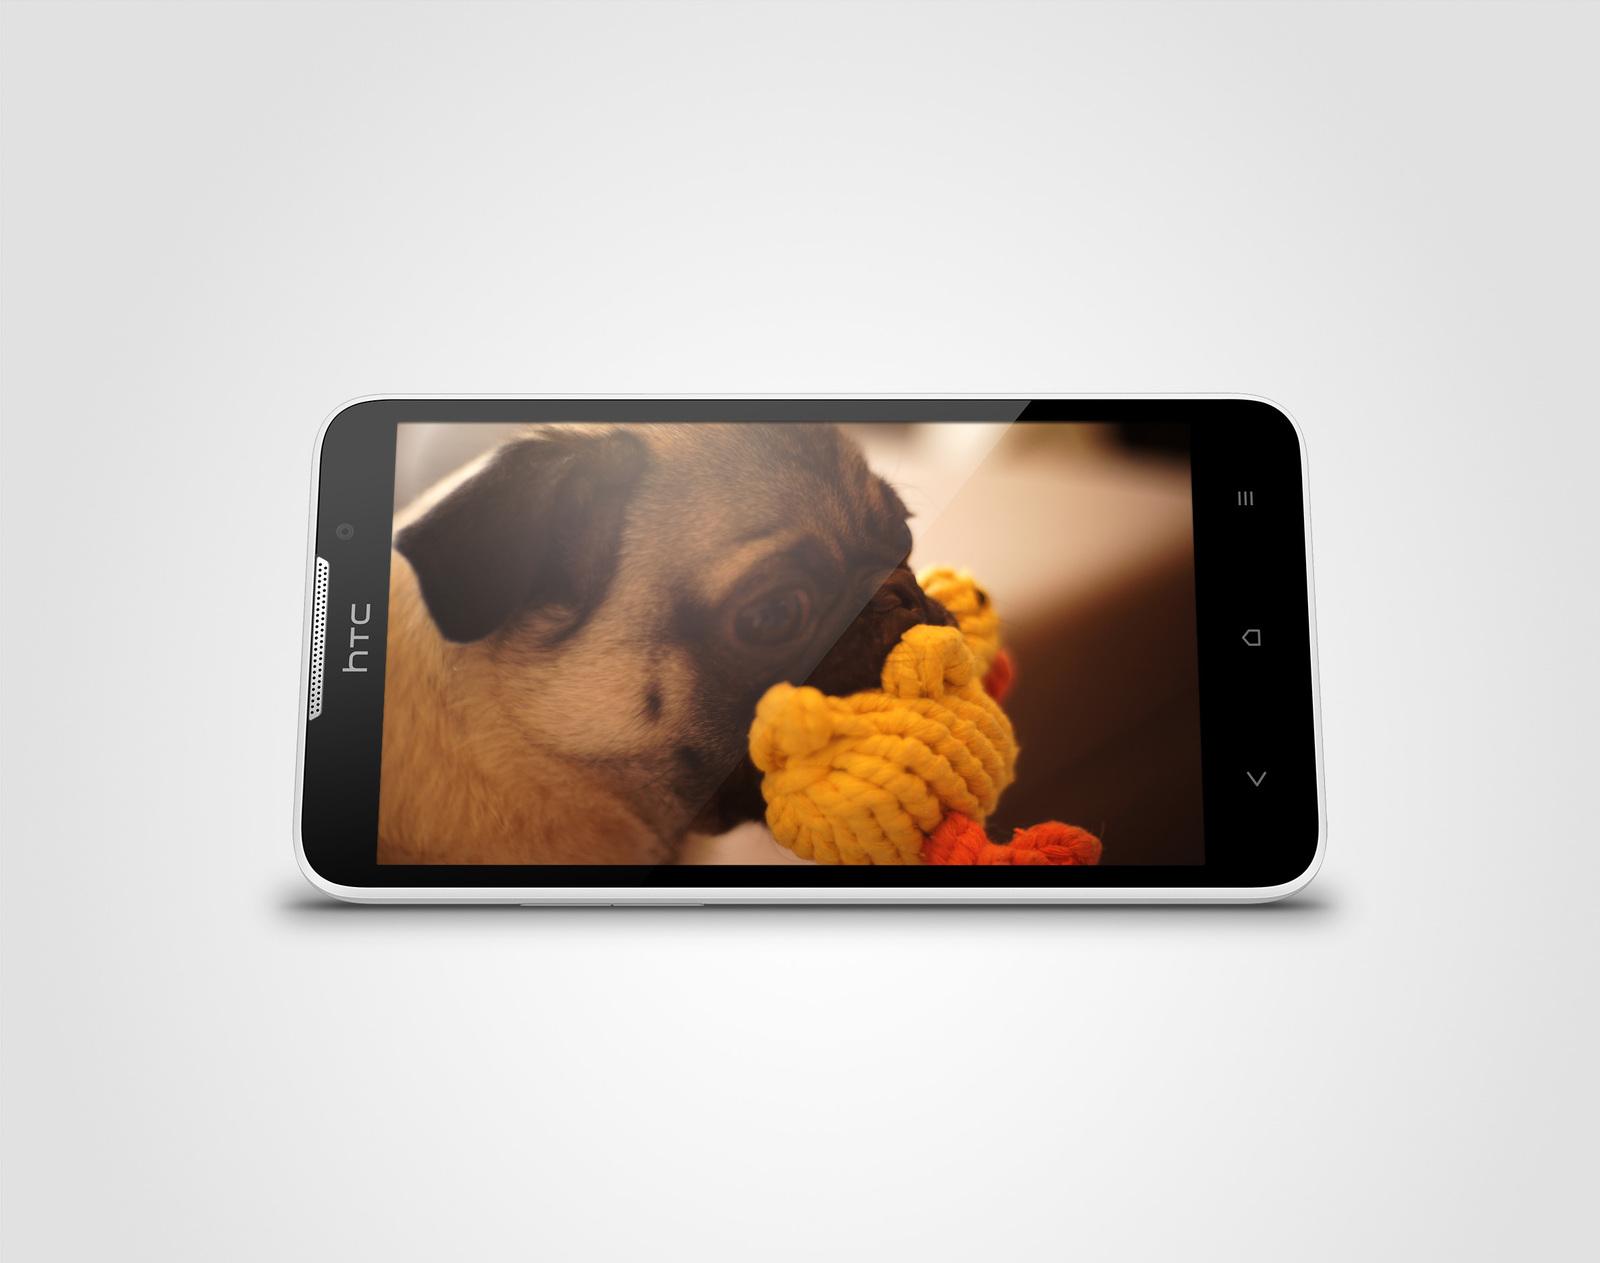 HTC-Desire-516_PerLandscape_White.jpg